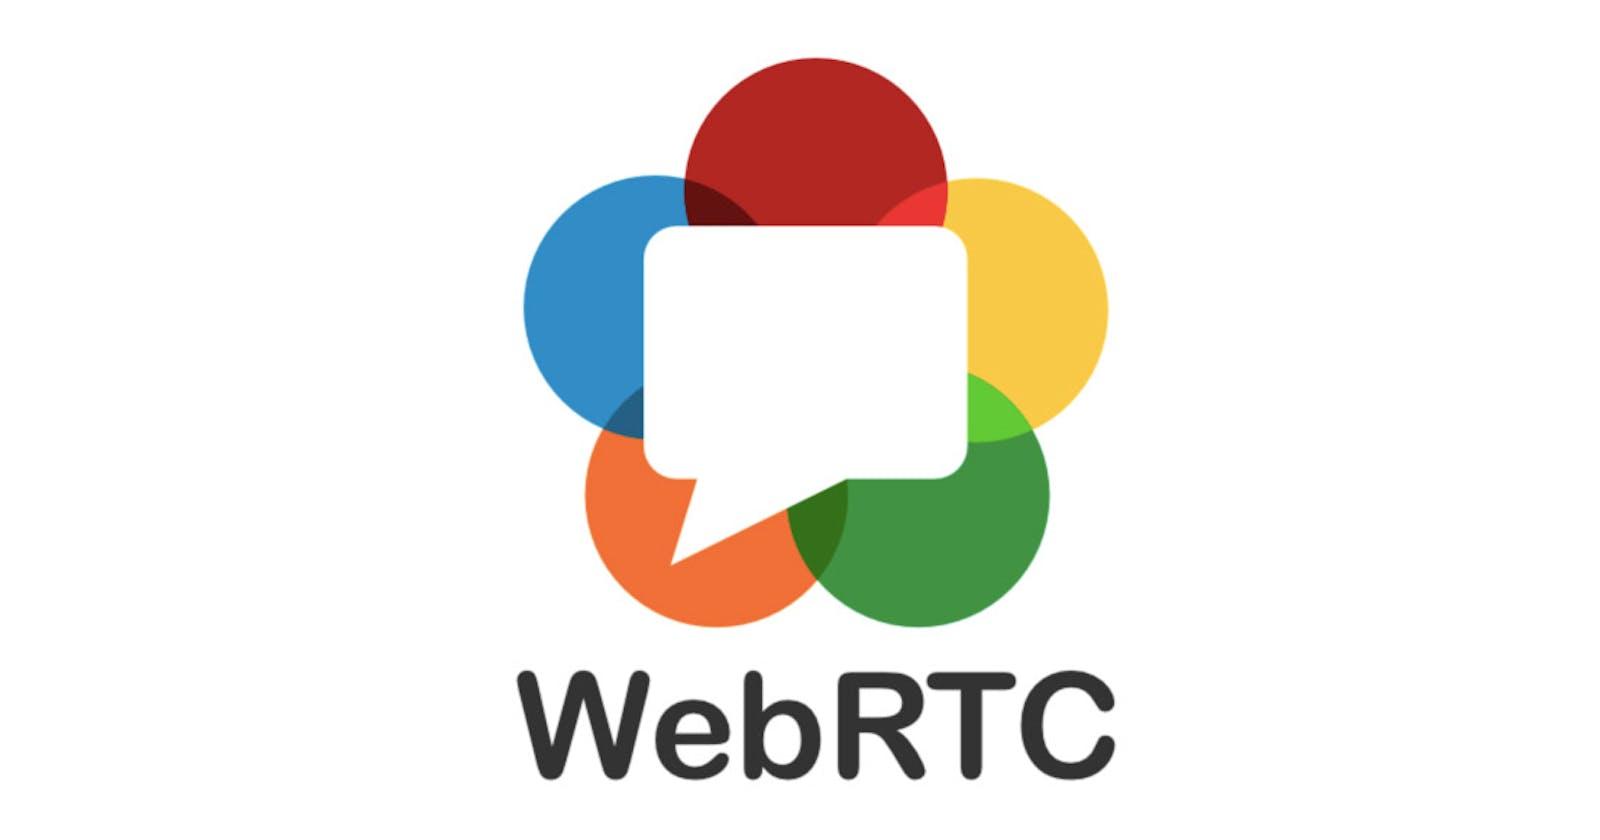 Understanding basics of WebRTC